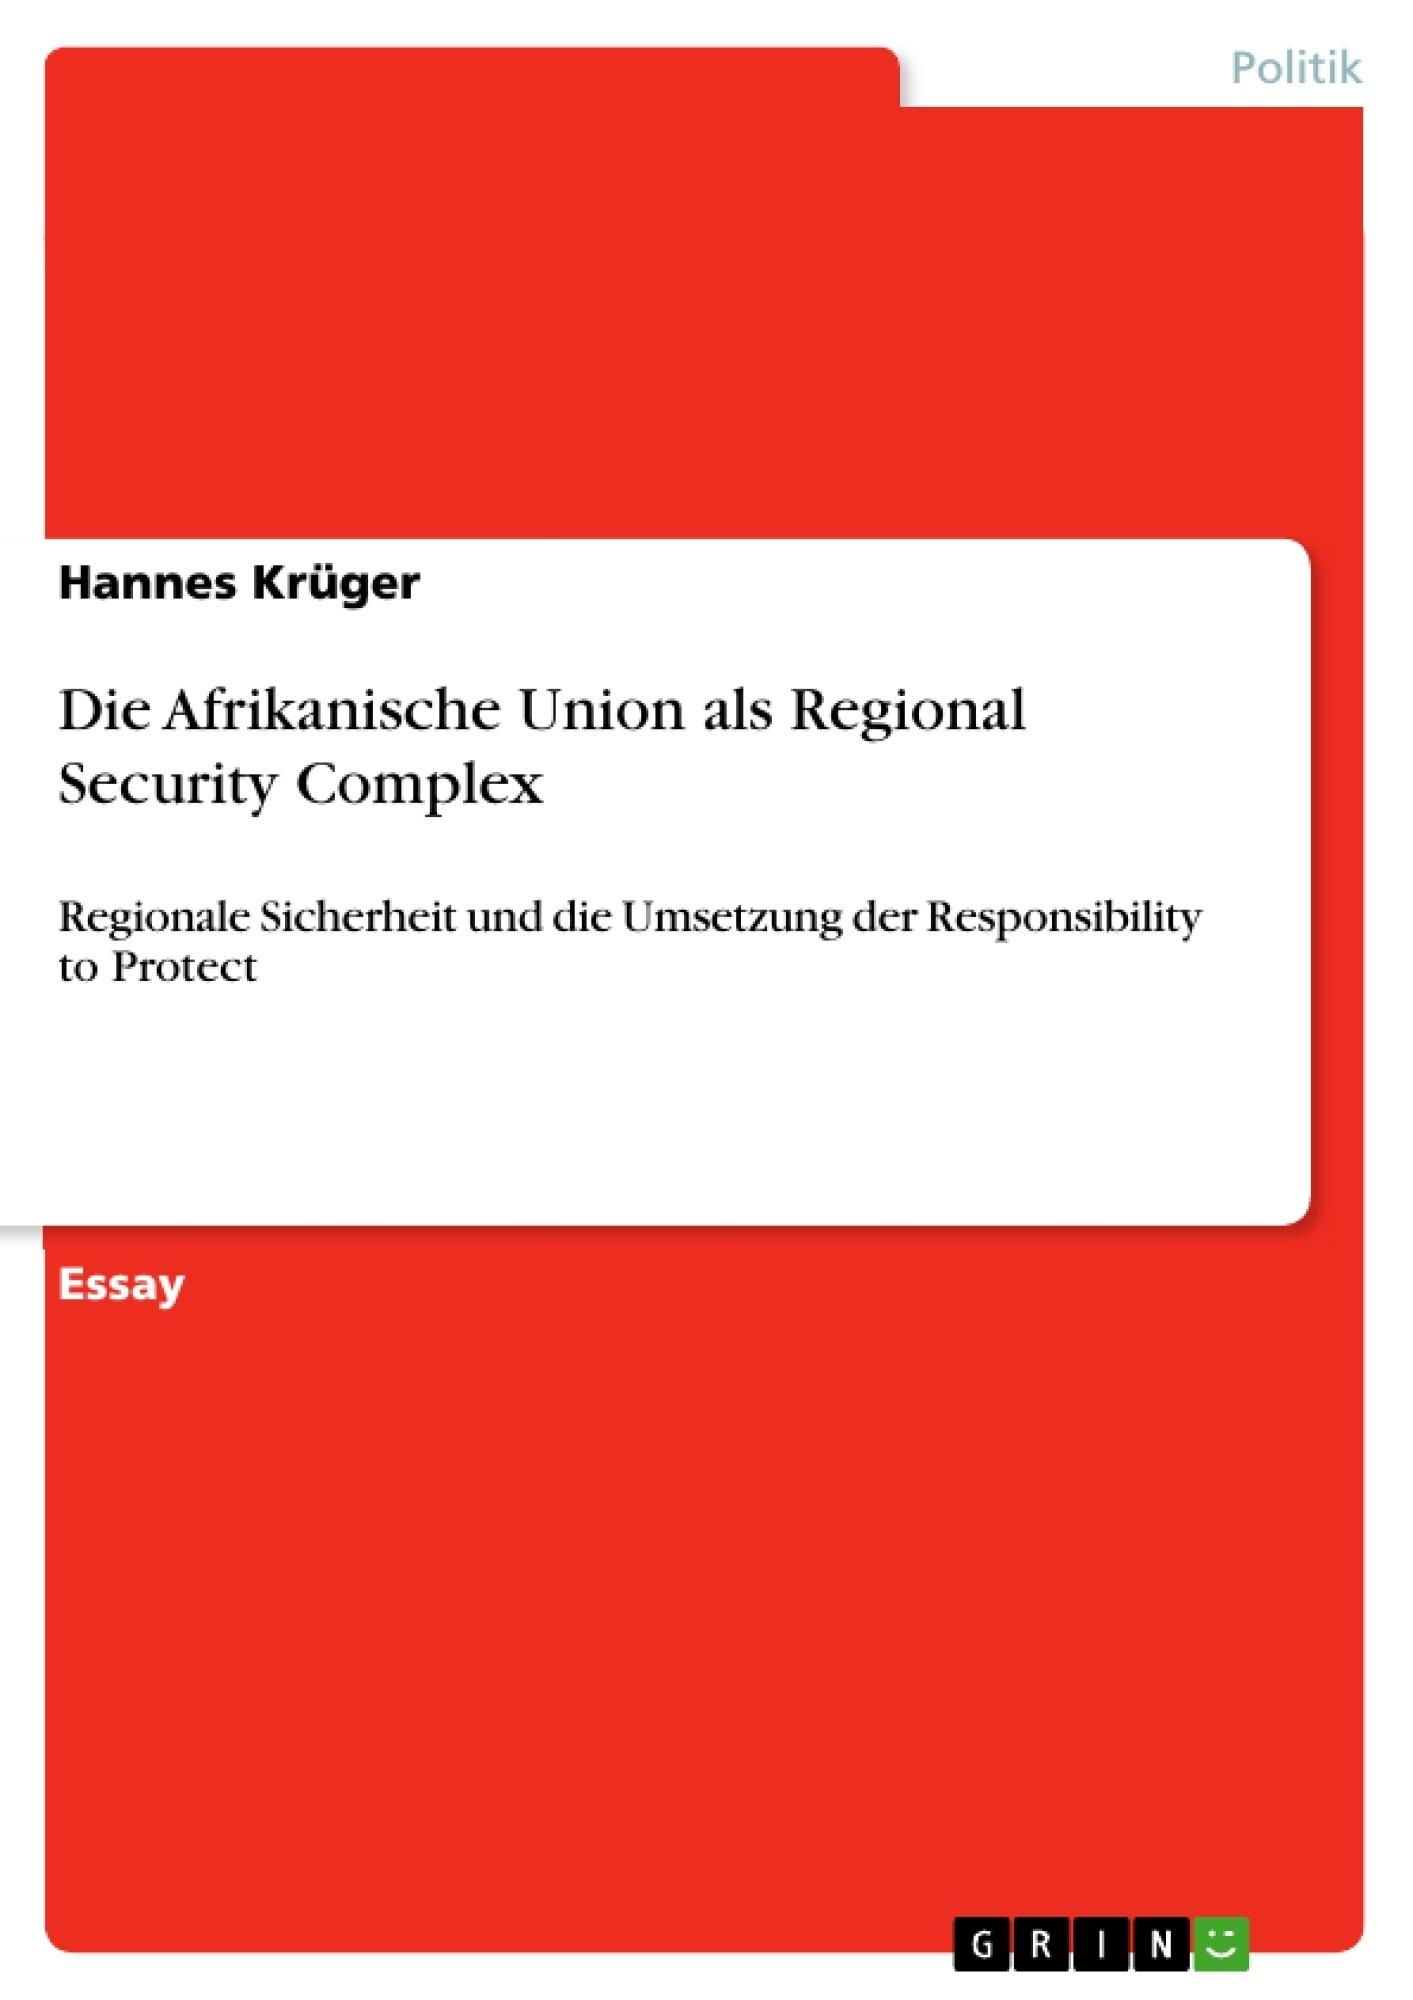 Titel: Die Afrikanische Union als Regional Security Complex